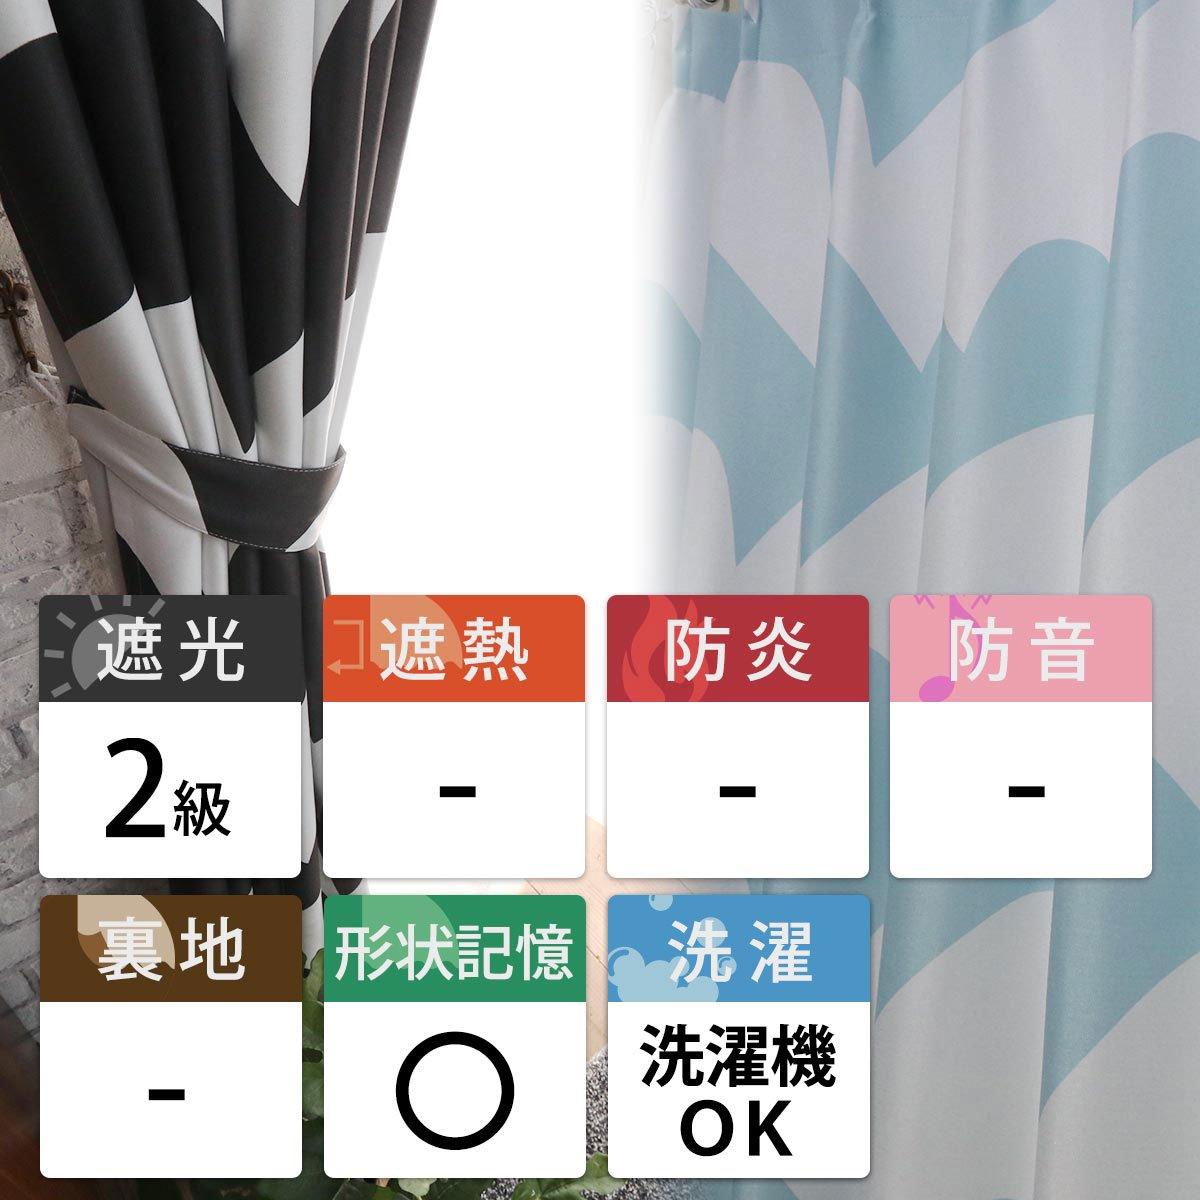 100サイズから選べる!お洒落な北欧デザインの波模様のカーテン 『ウテナ ブルー』